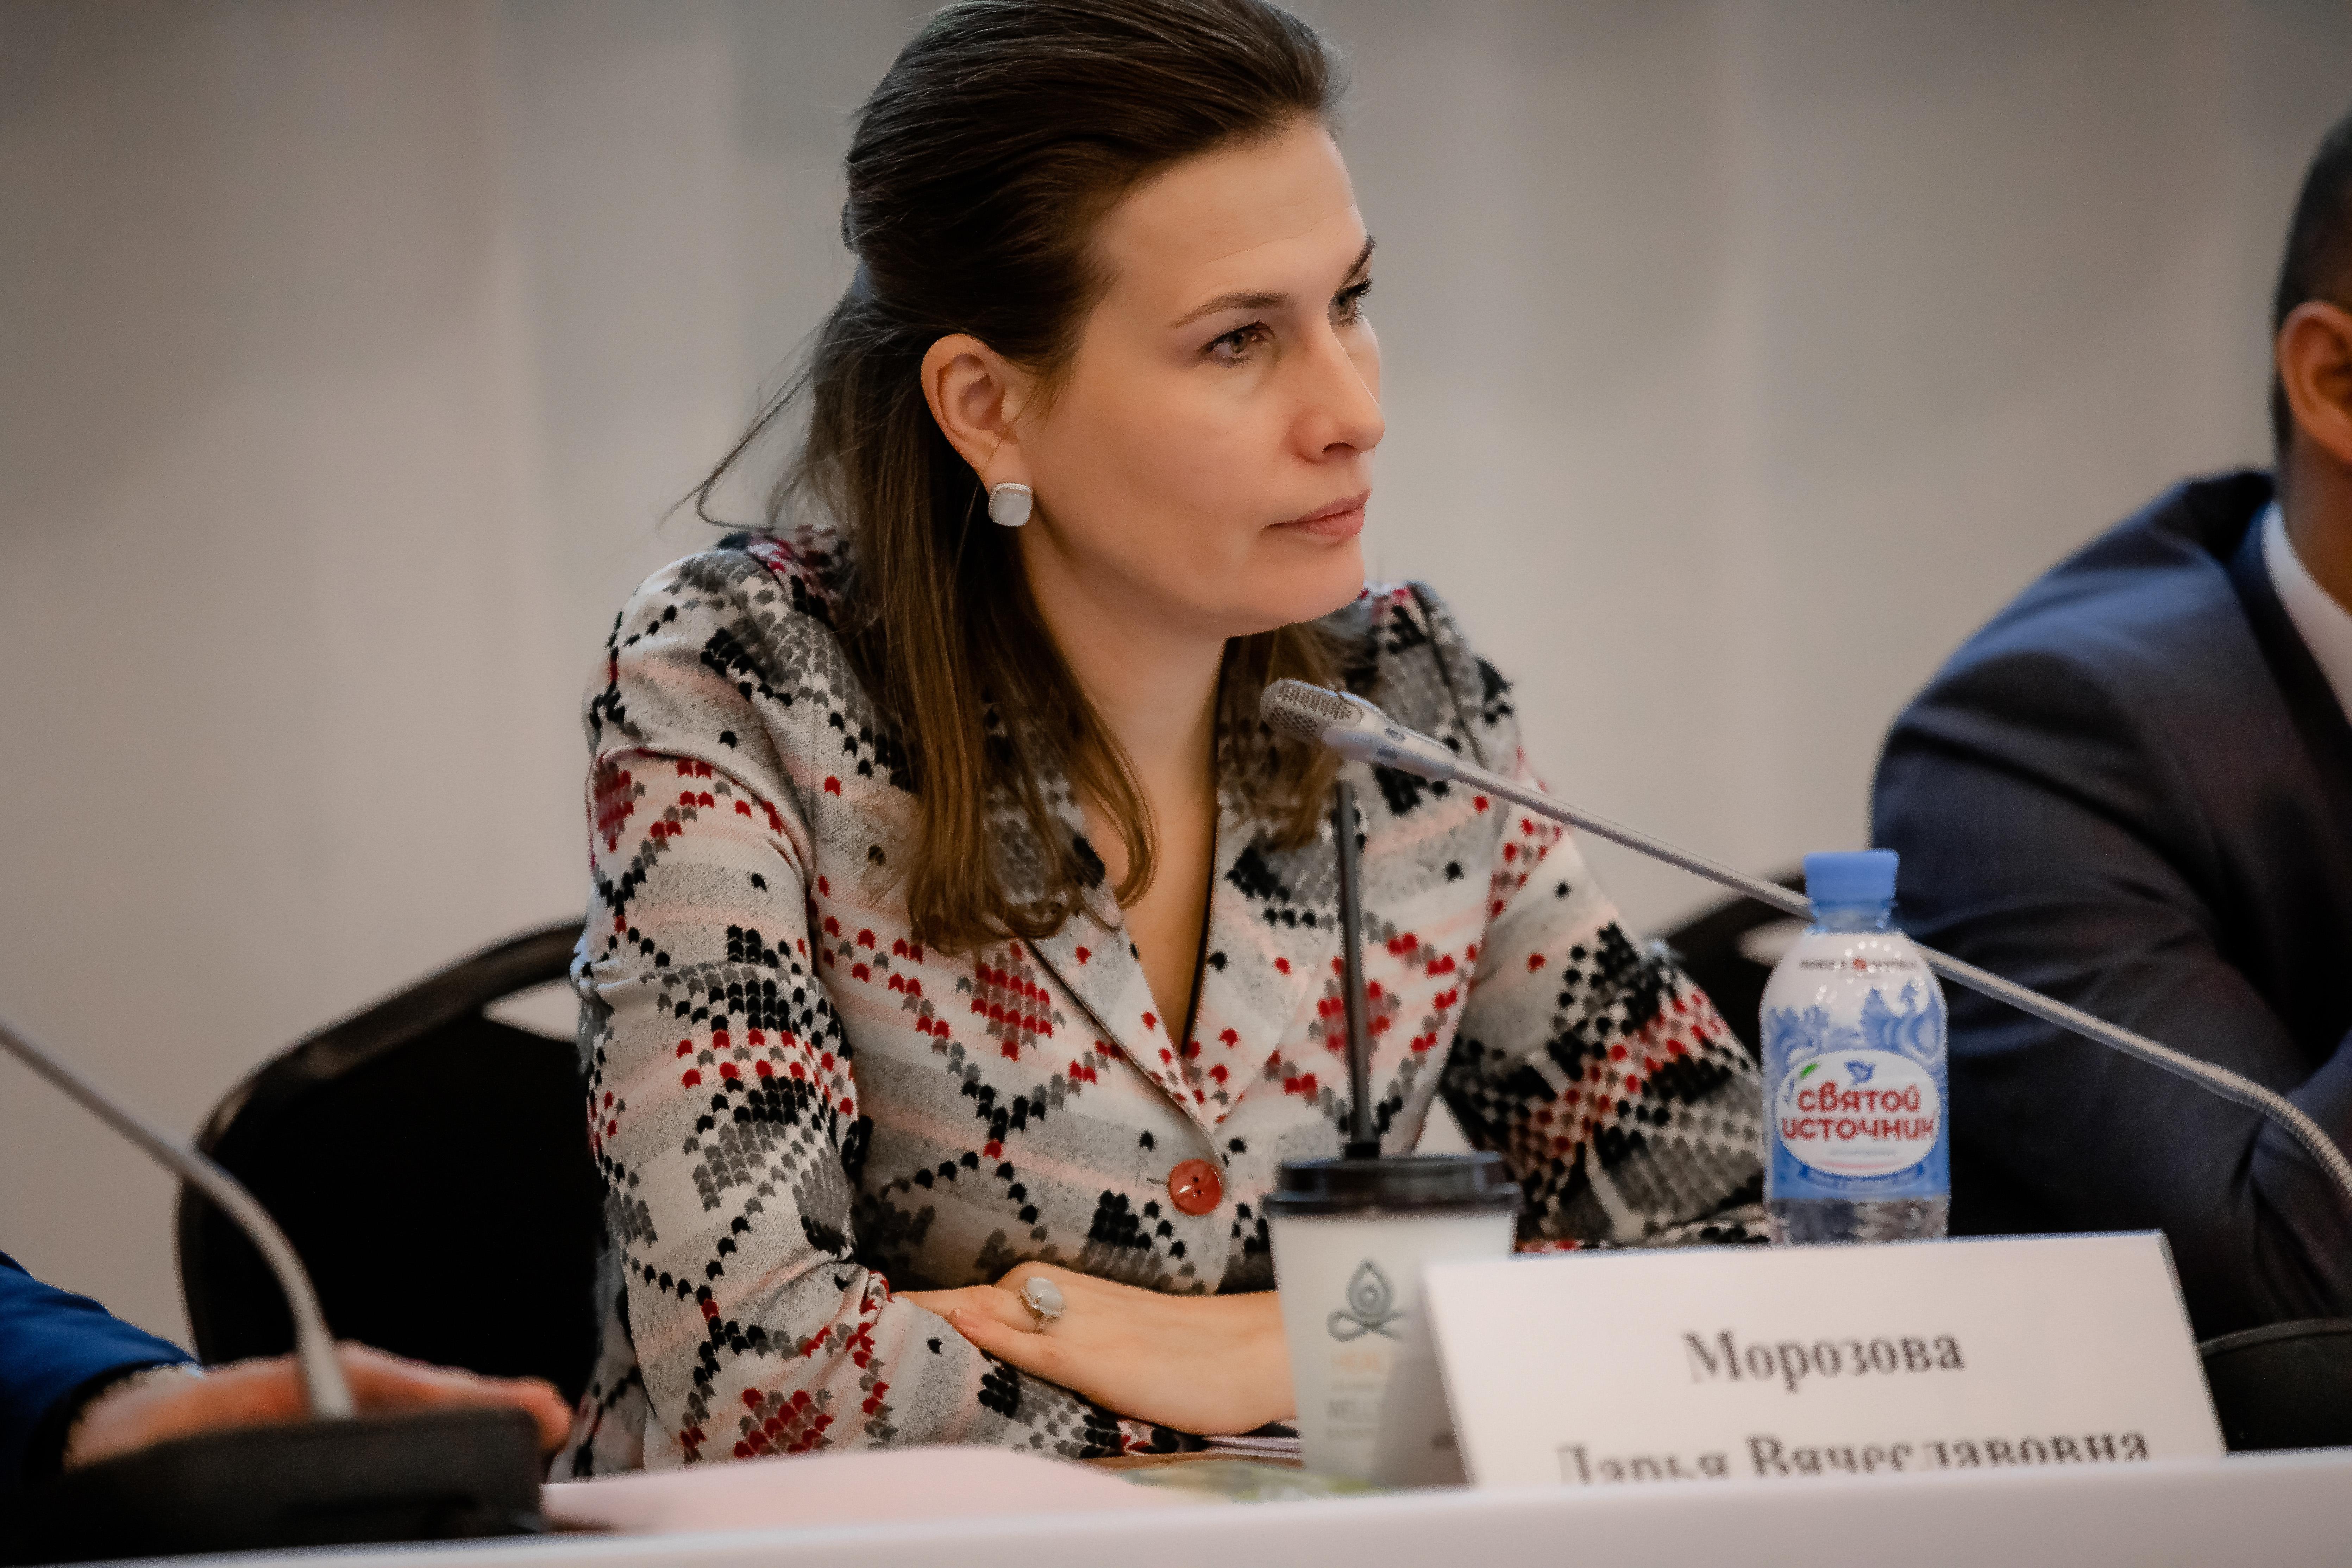 Морозова Дарья Вячеславовна